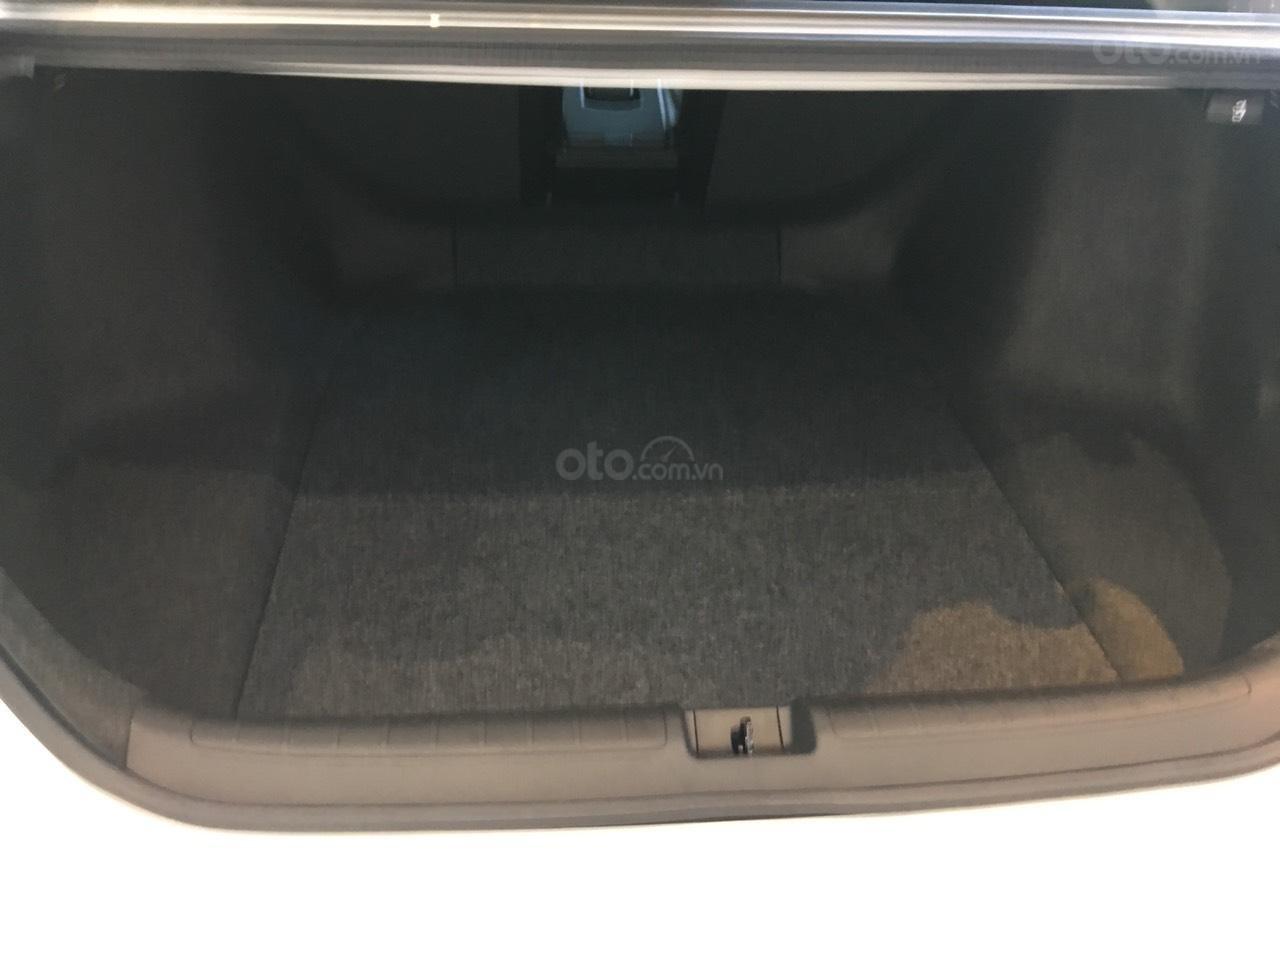 Bán Honda Accord 1.5 Turbo 2020 giao sớm, quà chất trao tay (5)